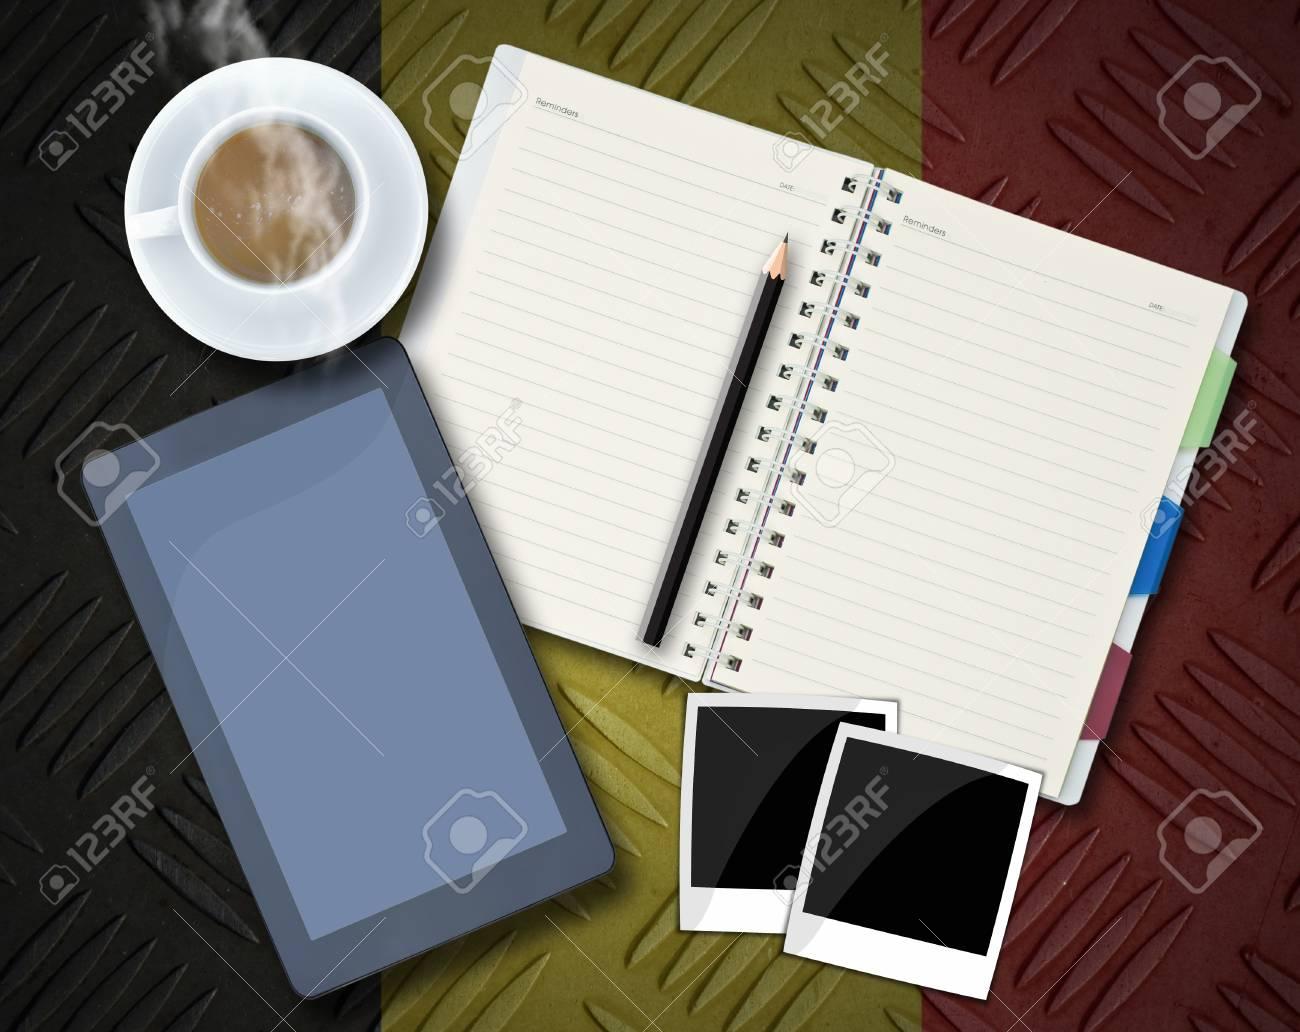 Oggetti Per Ufficio : Oggetti per ufficio blocco note tablet computer cornici tazza di